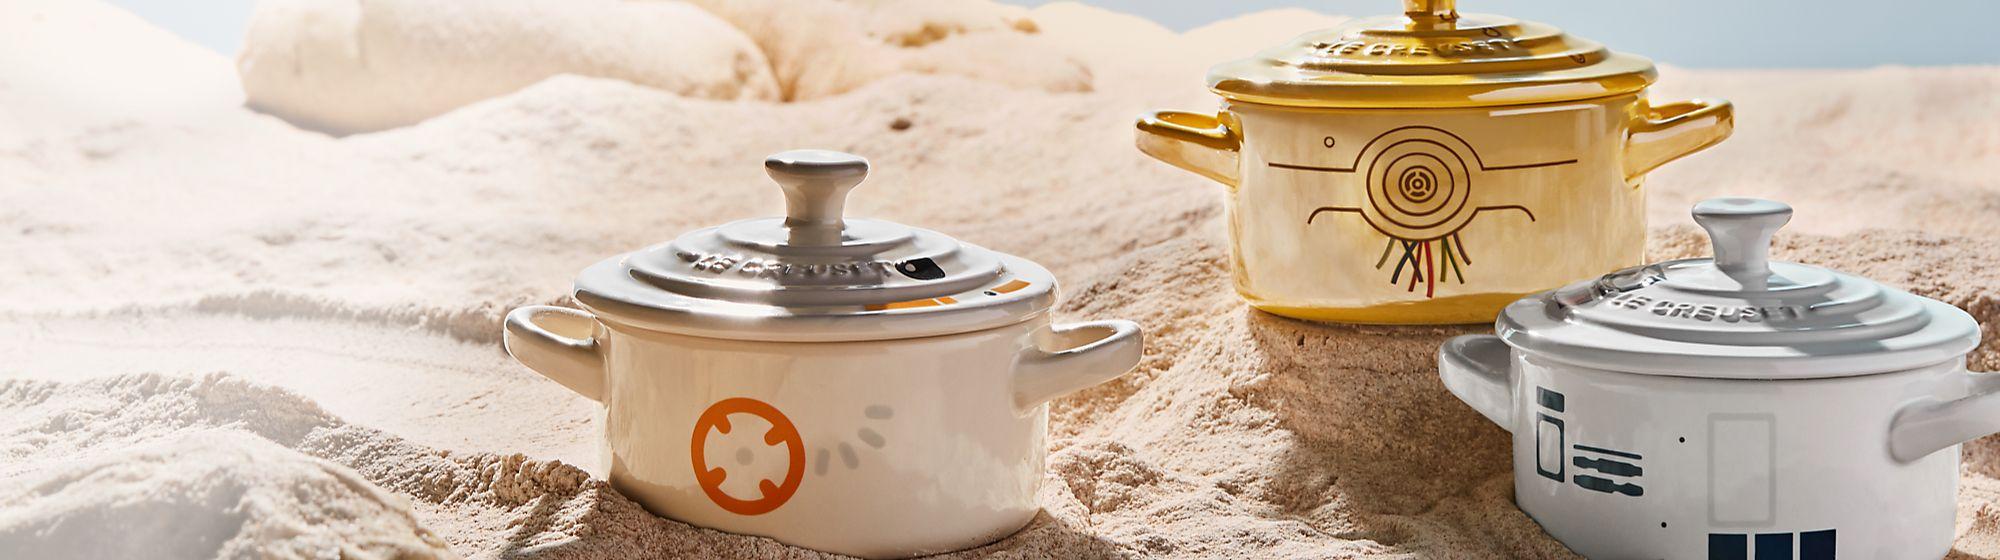 Le Creuset Le Creuset présente une collection de plats en fonte émaillée aux couleurs de Star Wars, comme la cocotte aux formes de BB-8 !